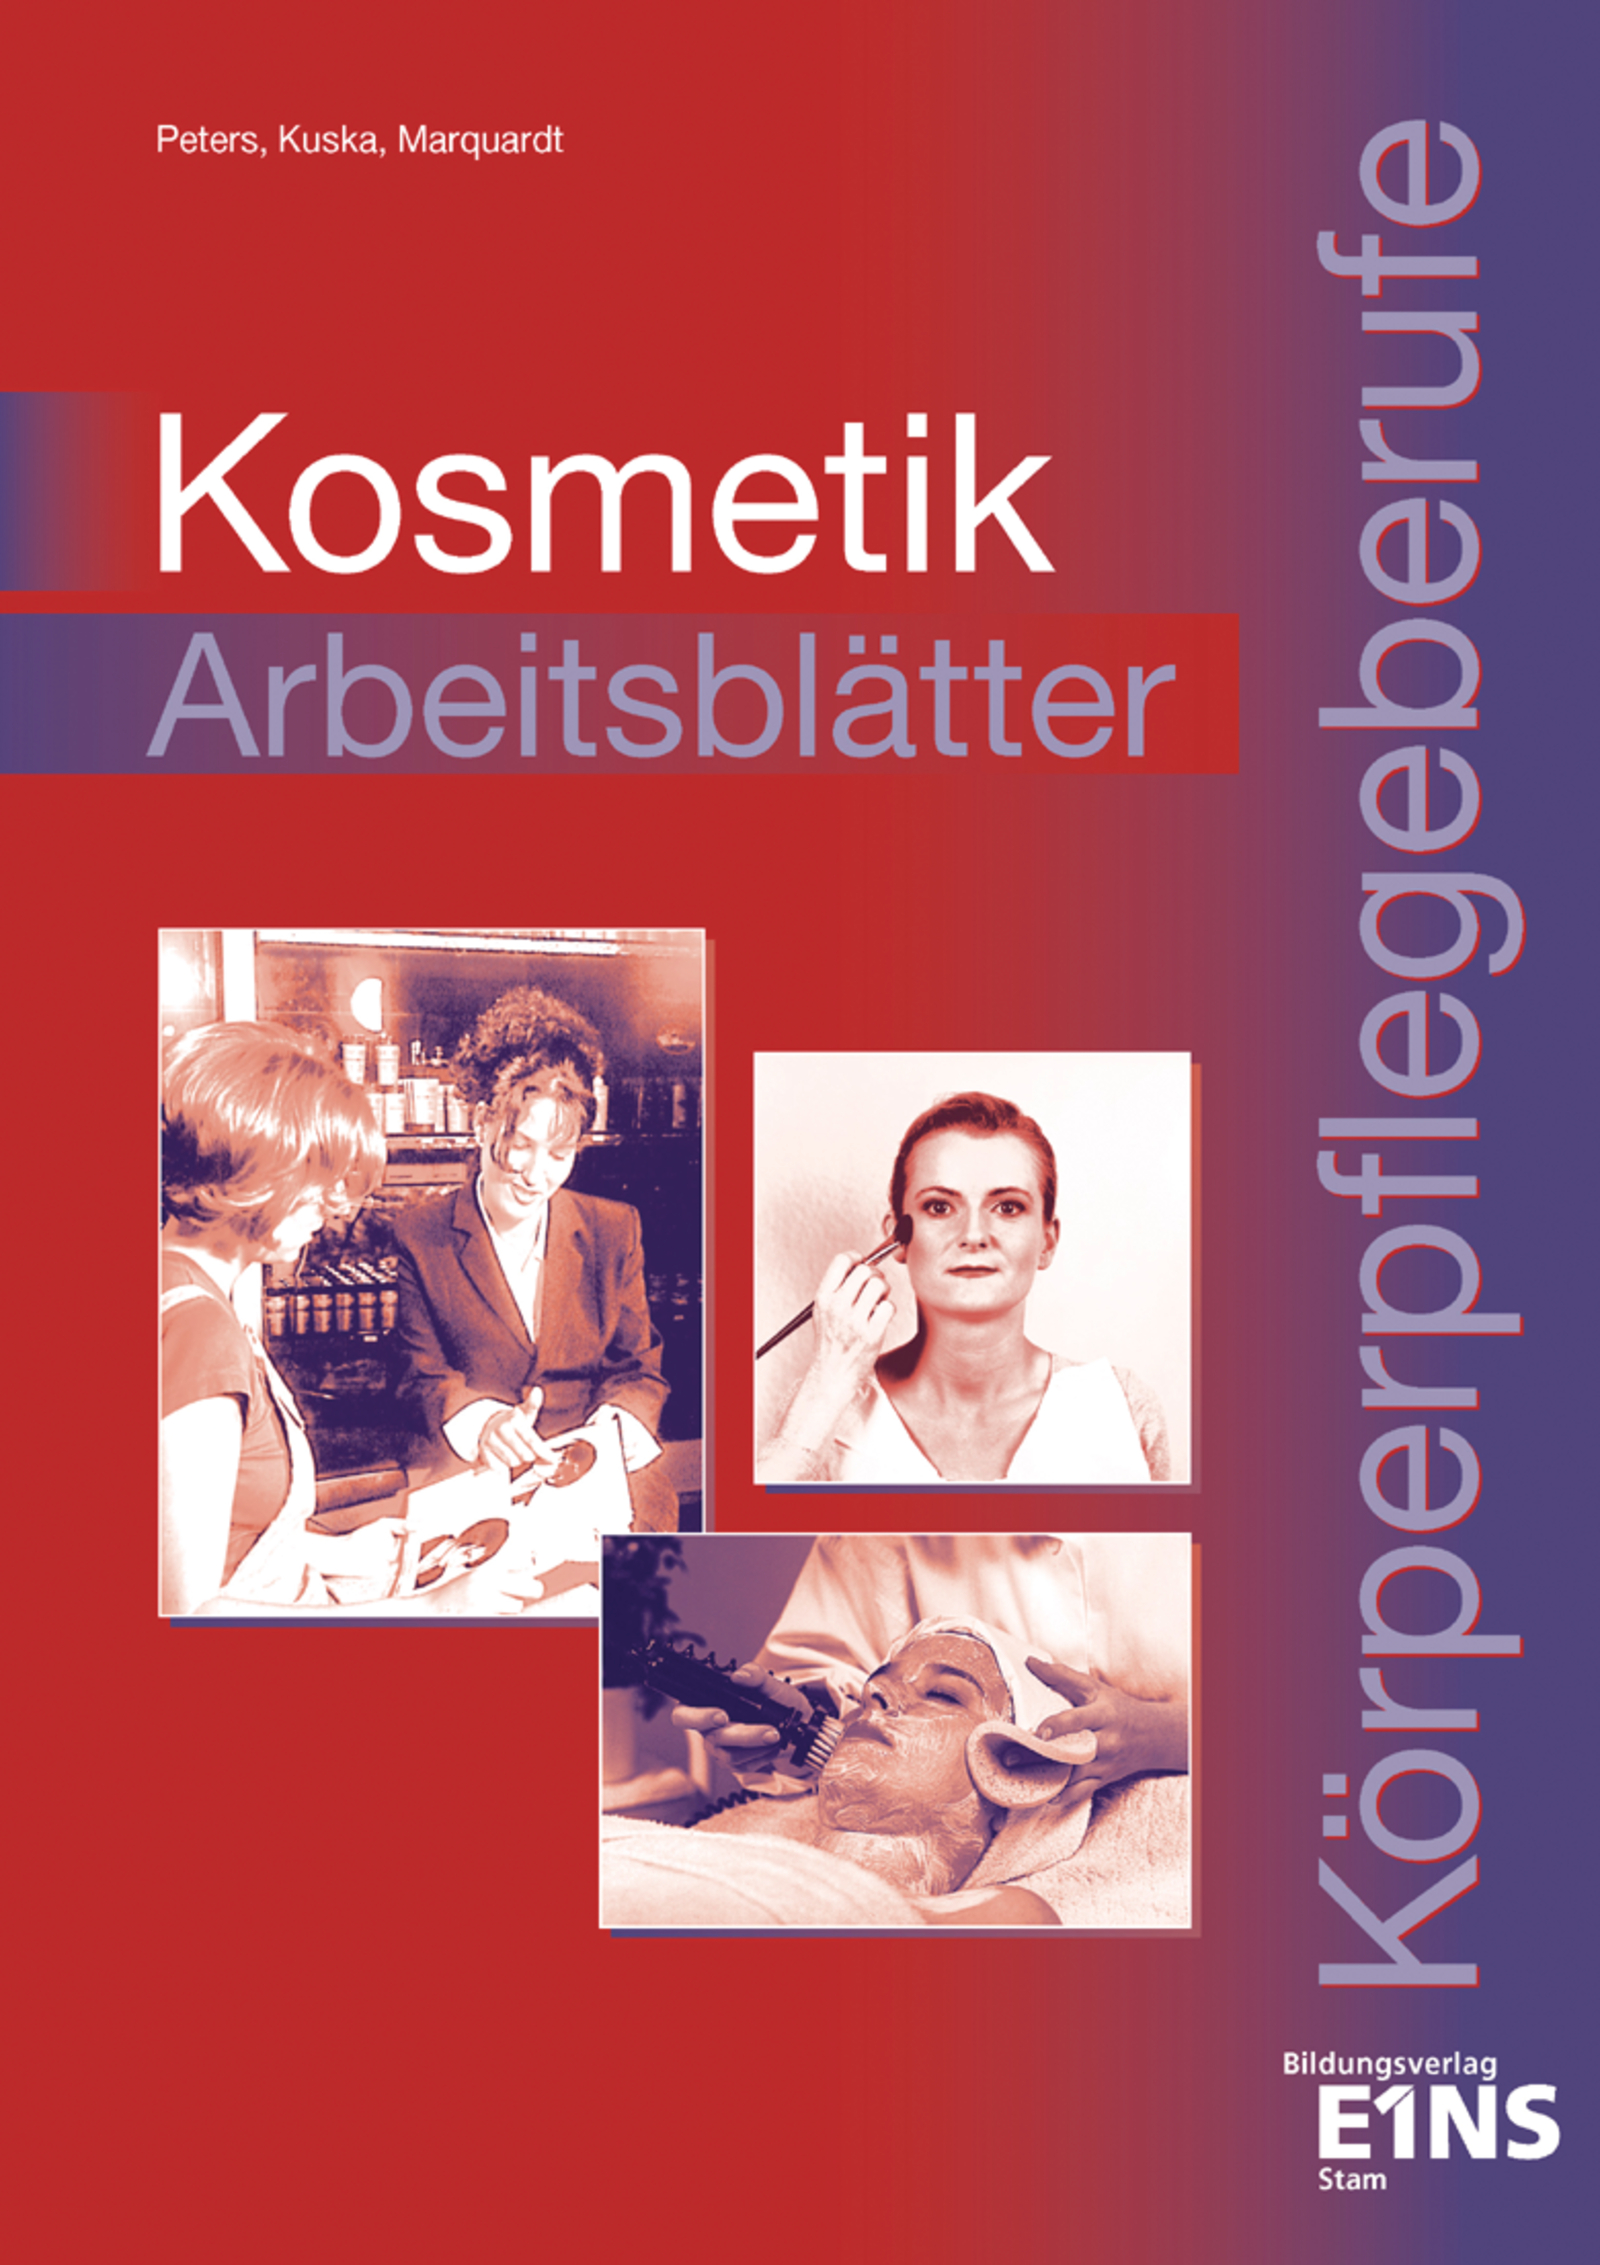 Kosmetik für Körperpflegeberufe Kuska, Sabine Marquardt, Monika